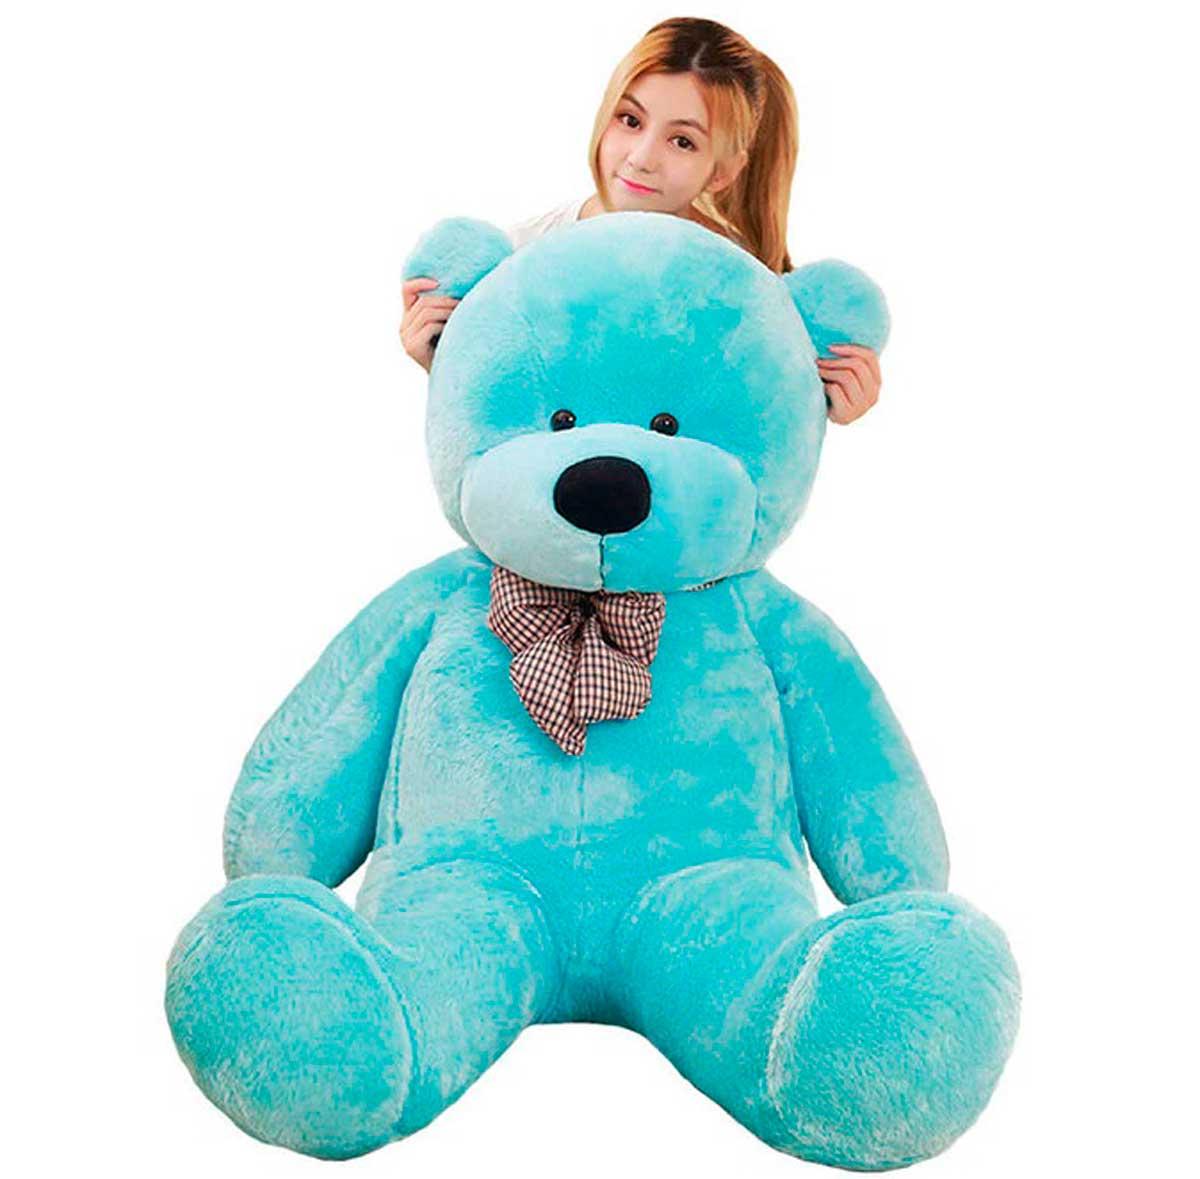 Urso de Pelúcia Azul Gigante Grande 1,30 metros ou 130cm de altura - Ideal para Presentear quem você ama! Festas Decoração Aniversários Formandos Chá de Fralda Quarto Criança Bebê Menino